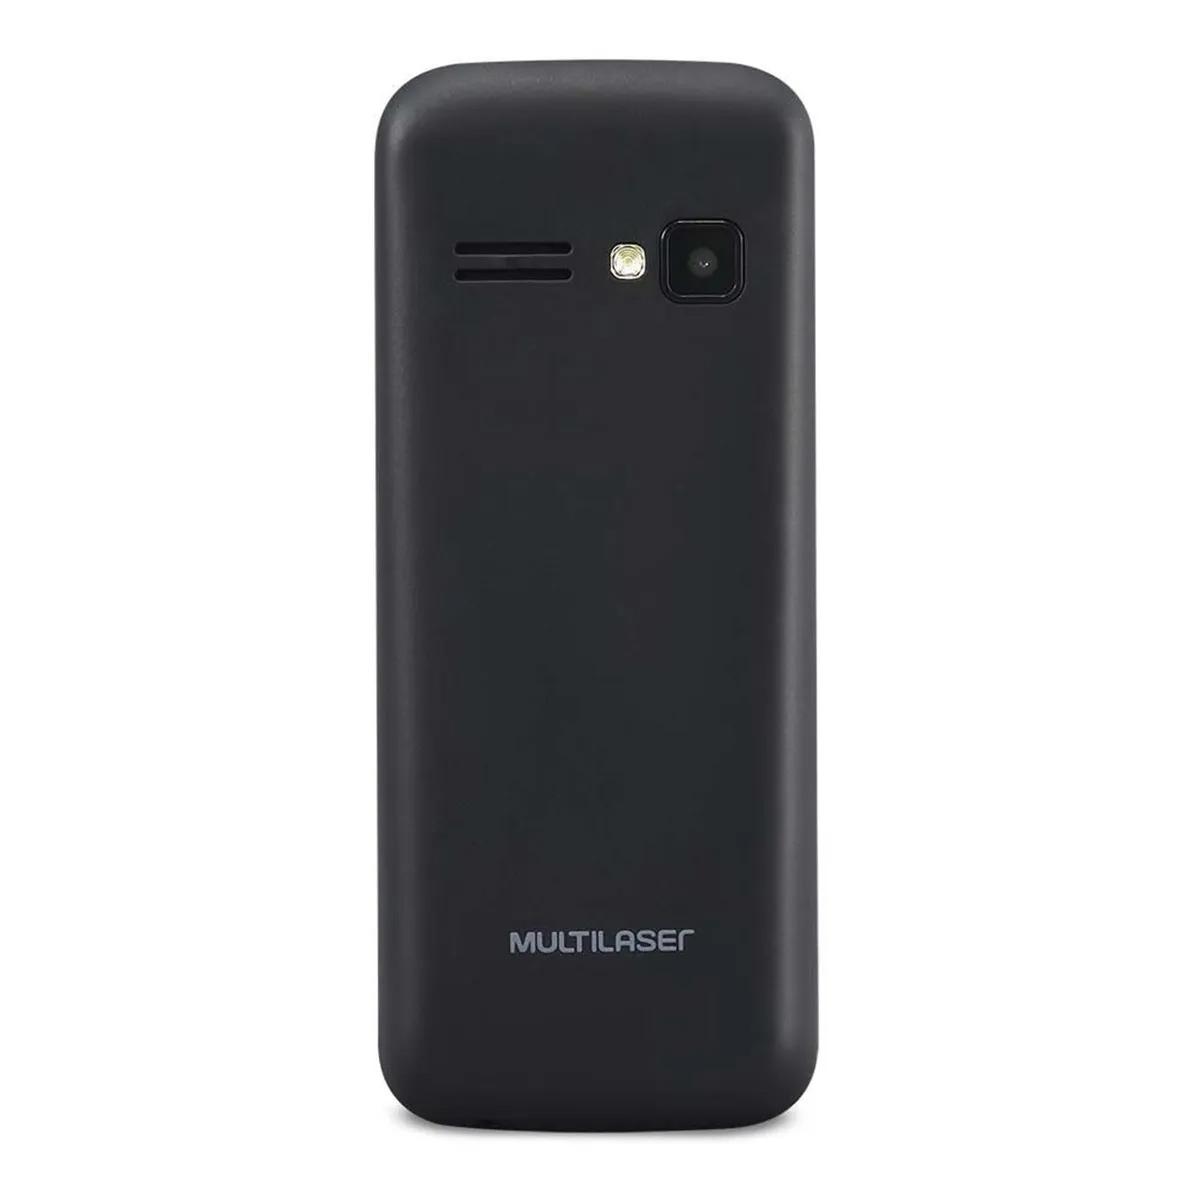 Multilaser Zapp 3G Whatsapp P9098 Novo